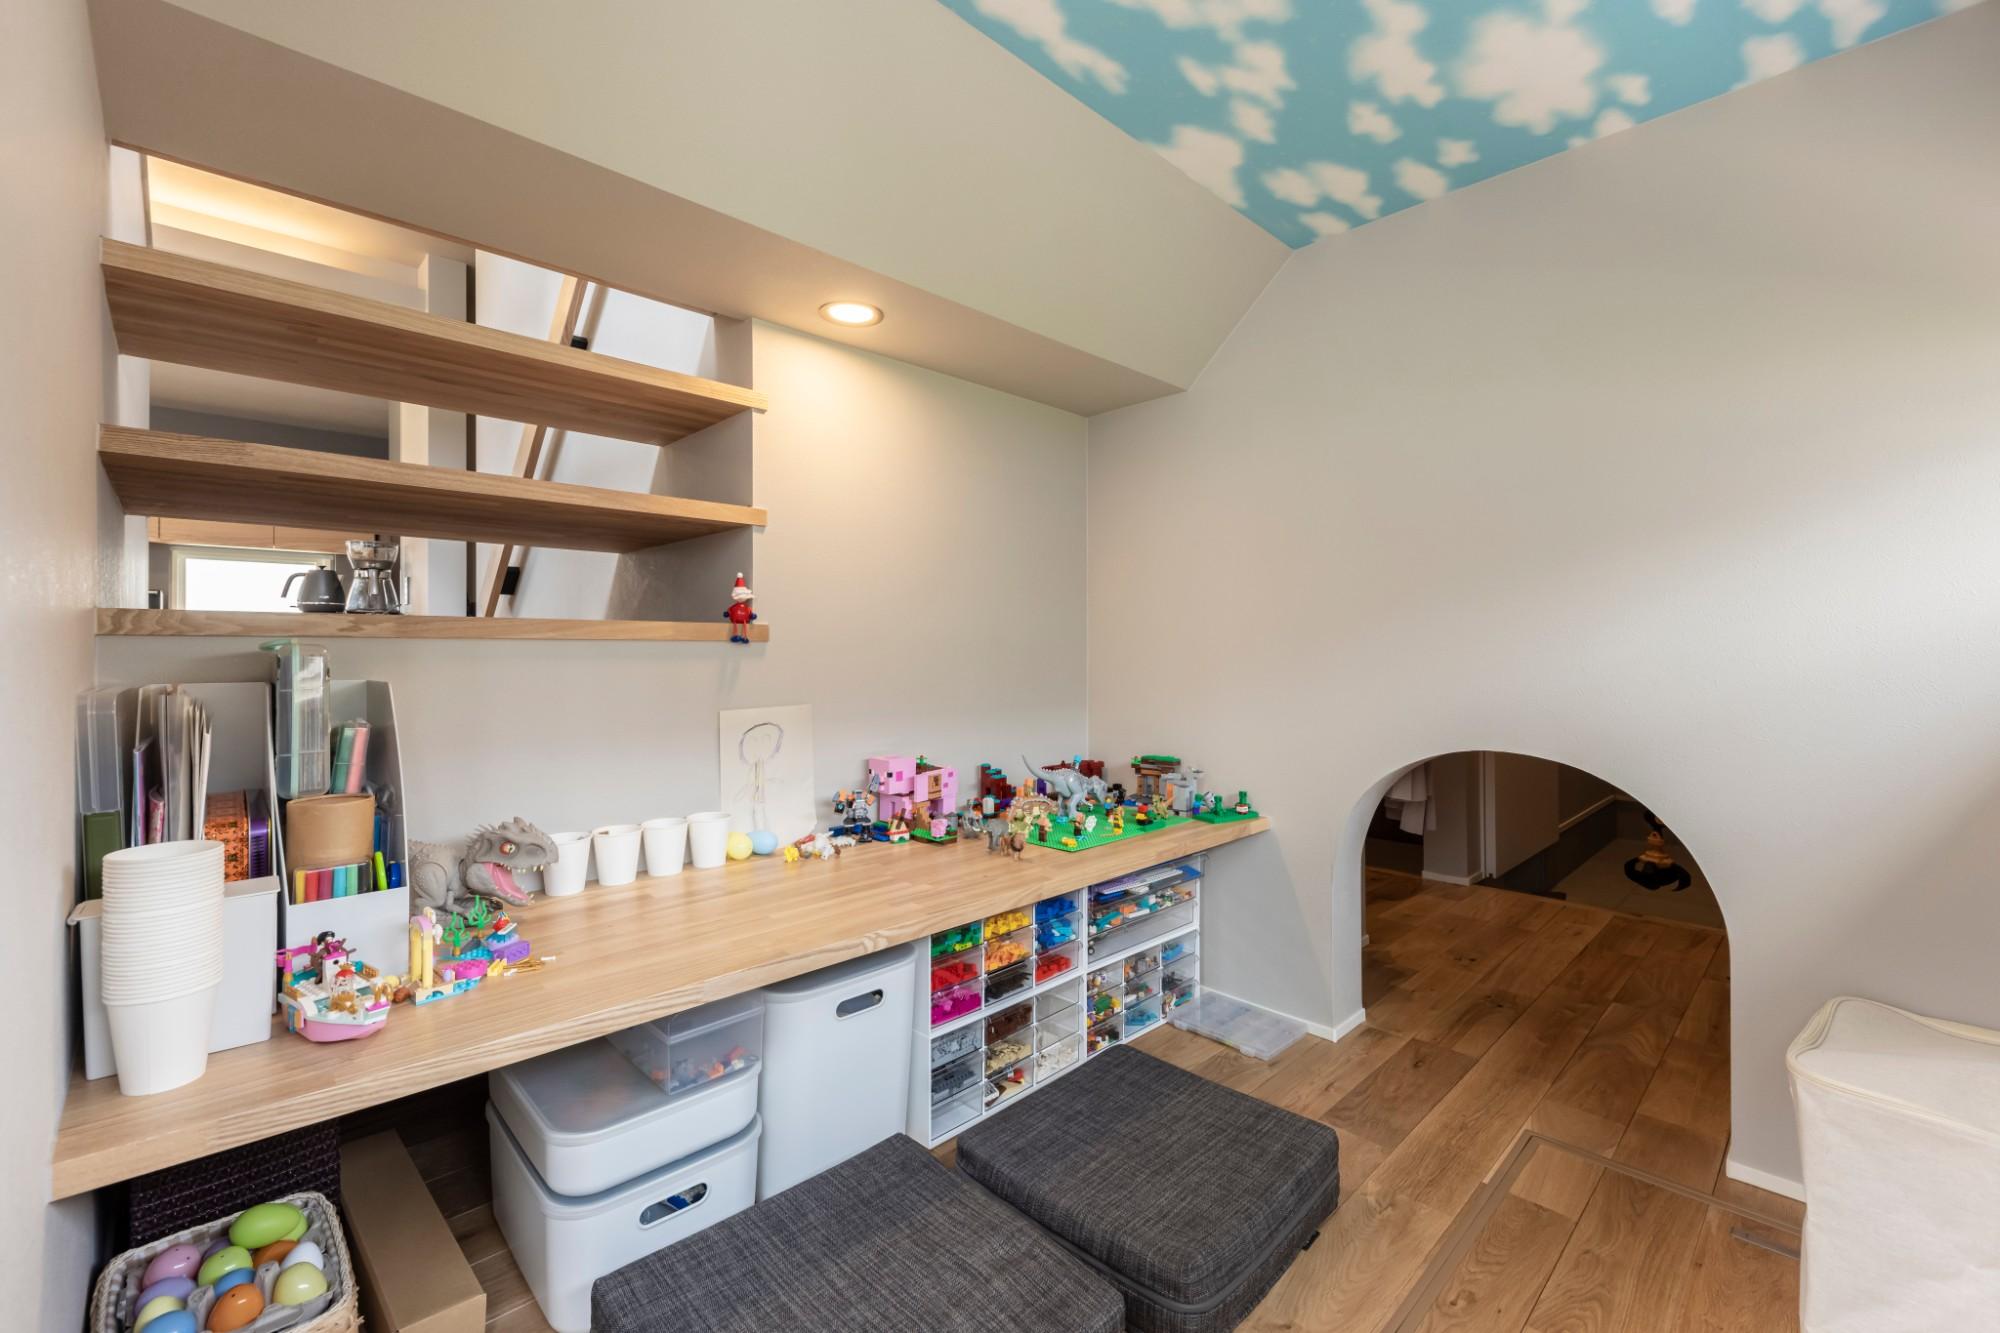 株式会社ユースフルハウス「秘密基地の家」の実例写真